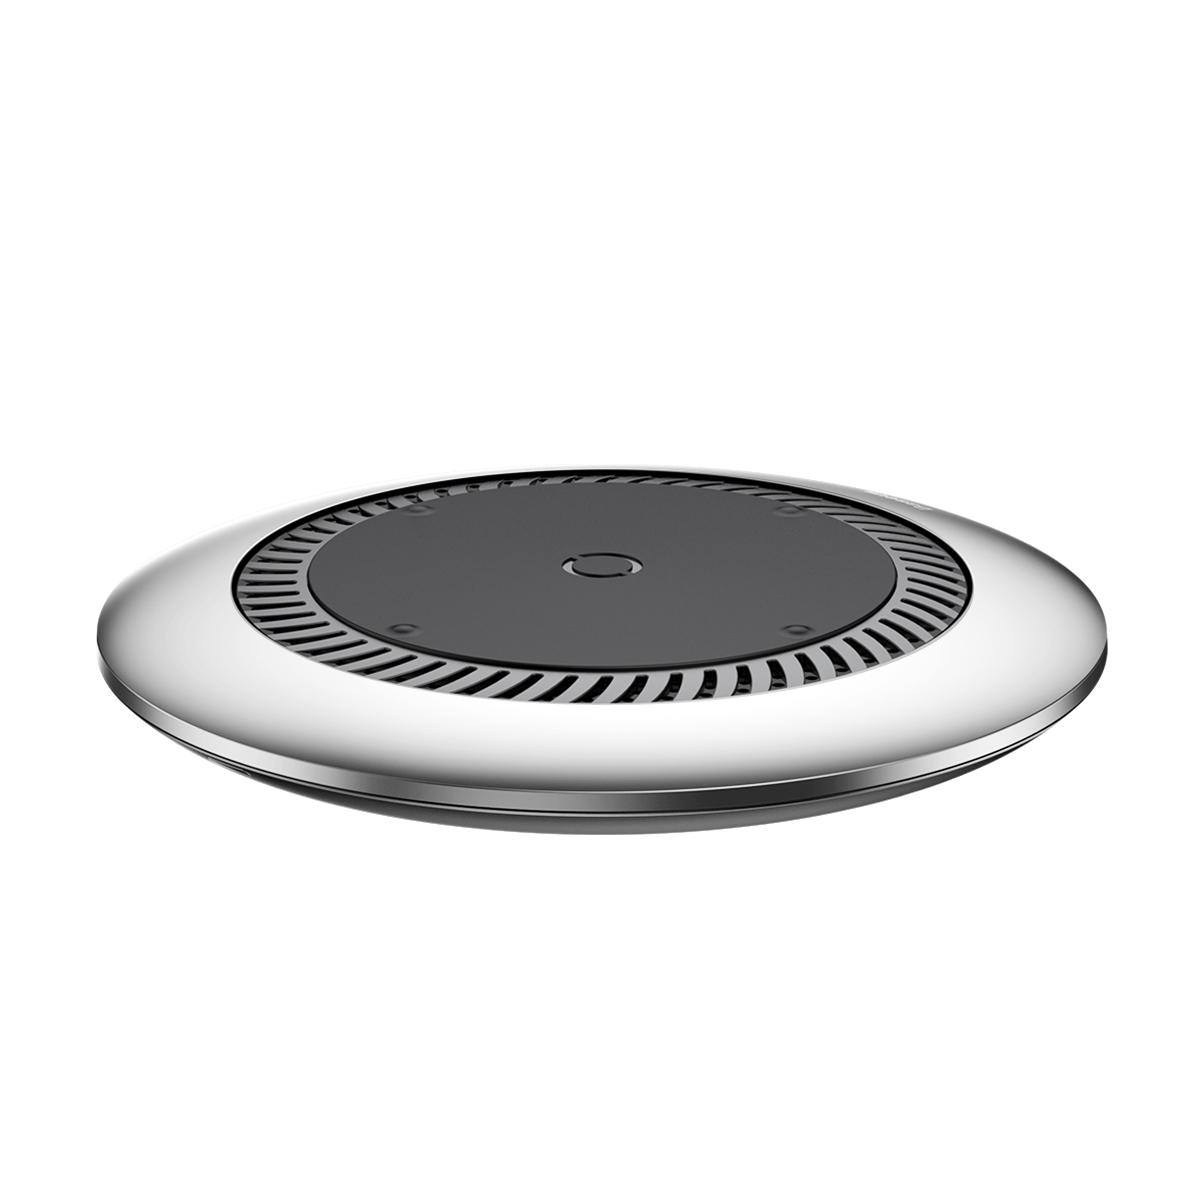 Картинка для Беспроводное зарядное устройство Baseus whirlwind Desktop wireless charger Silver